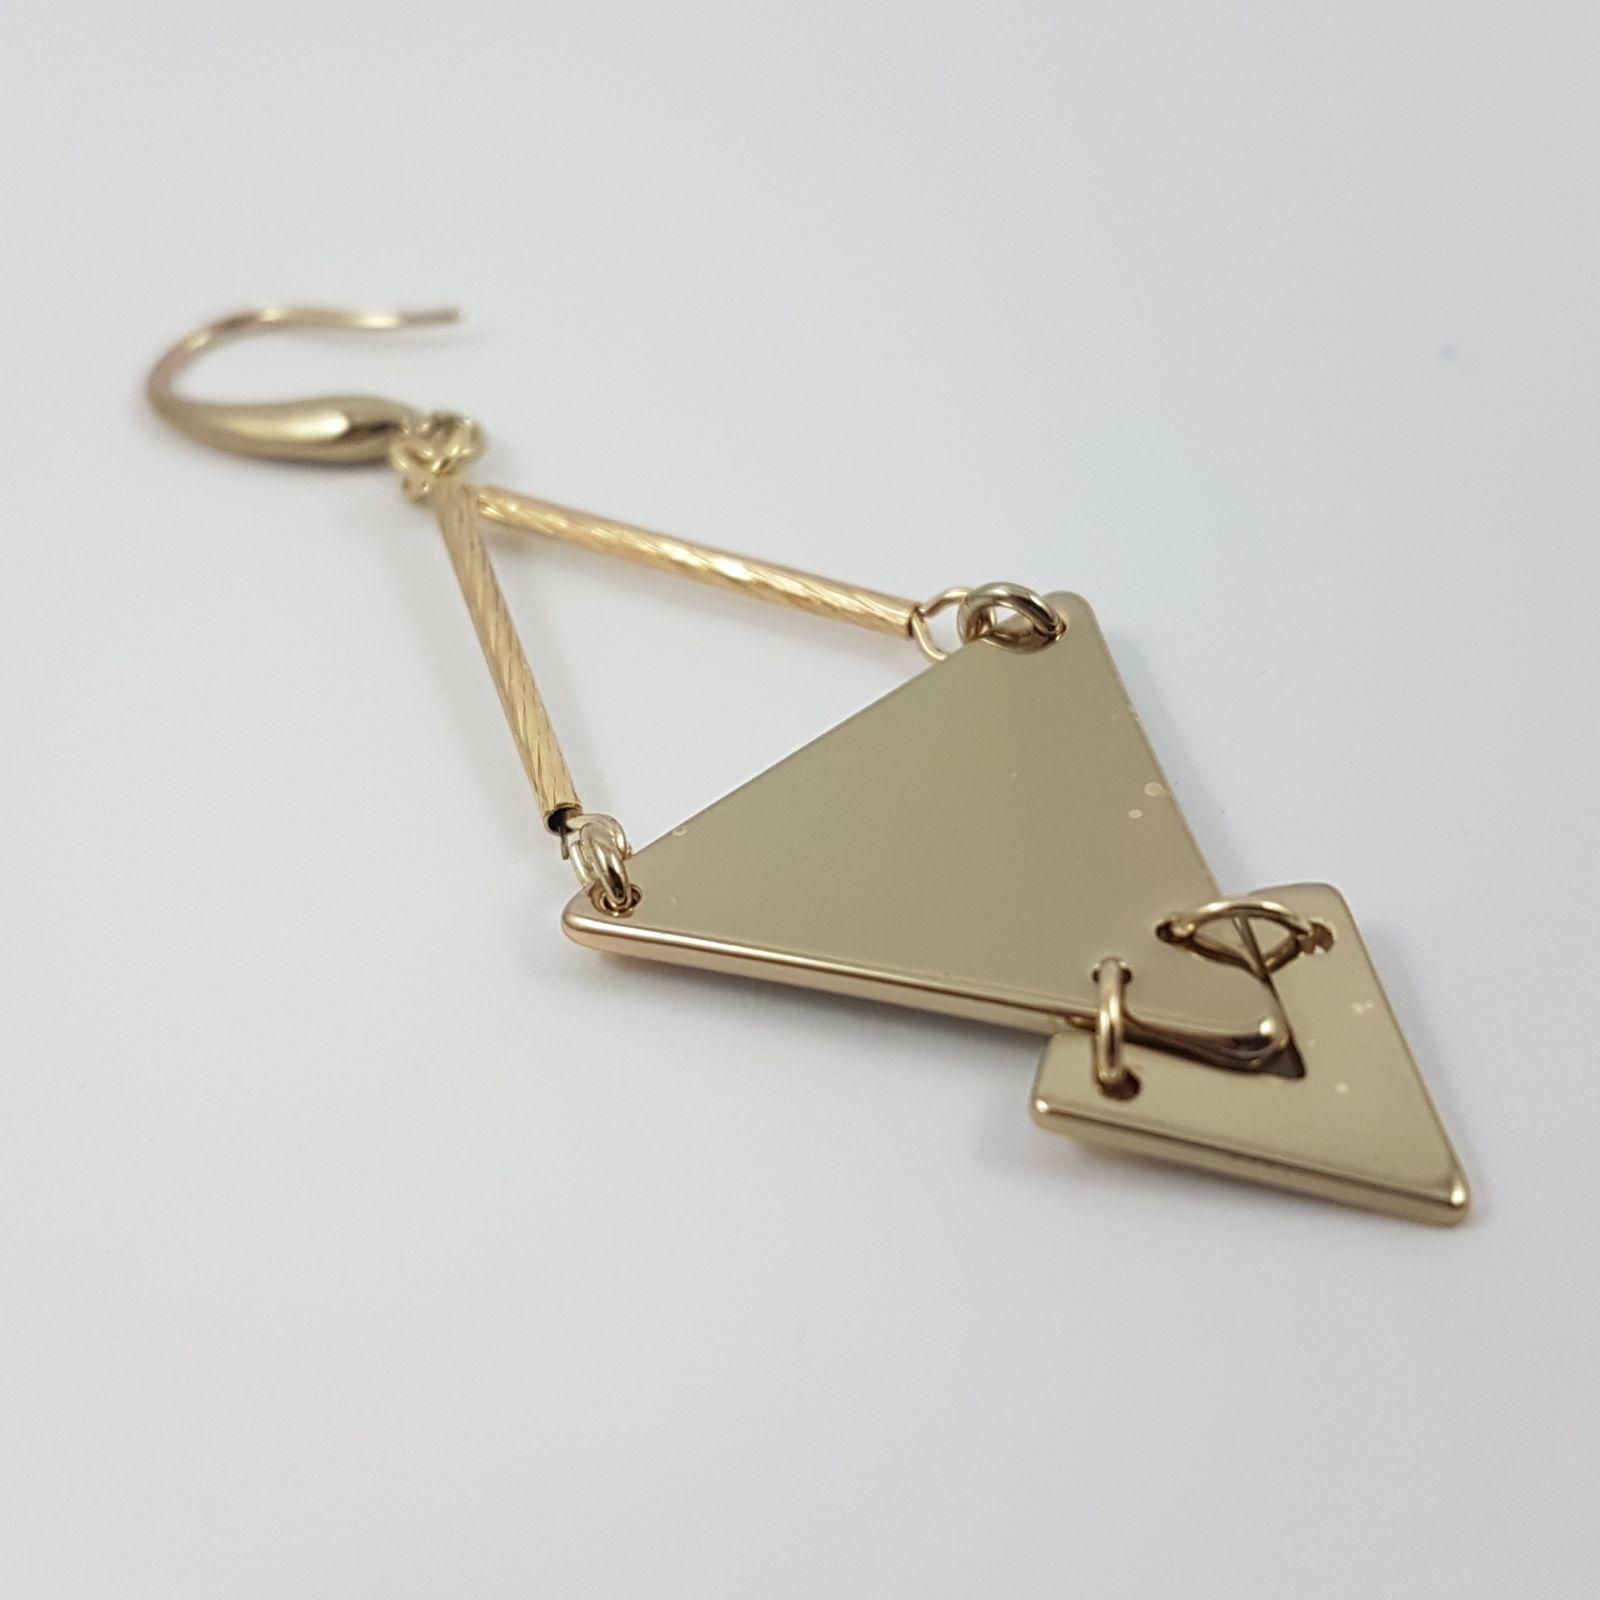 Zlatavé náušnice s trojuhelníkem GIIL